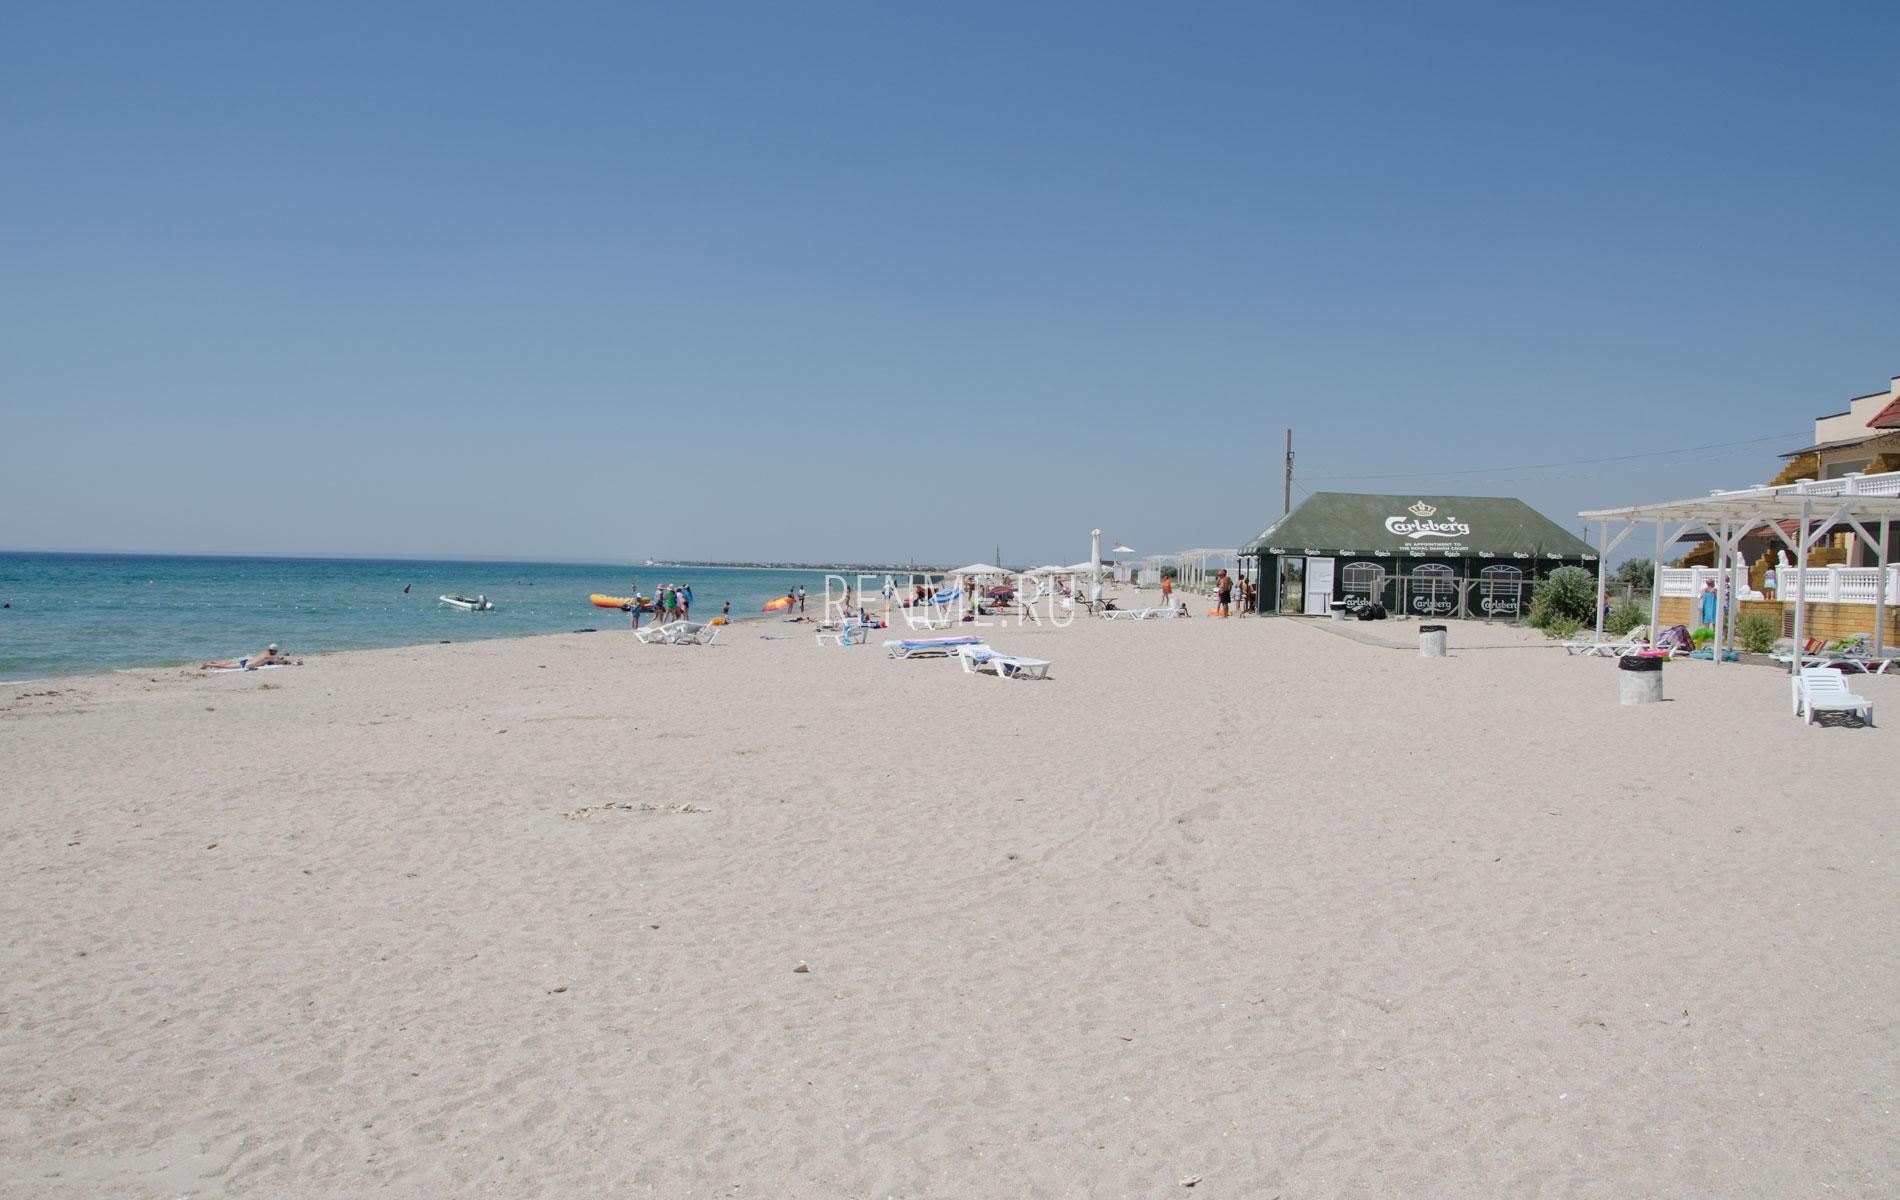 Песчаный пляж с кафе. Фото Штормового